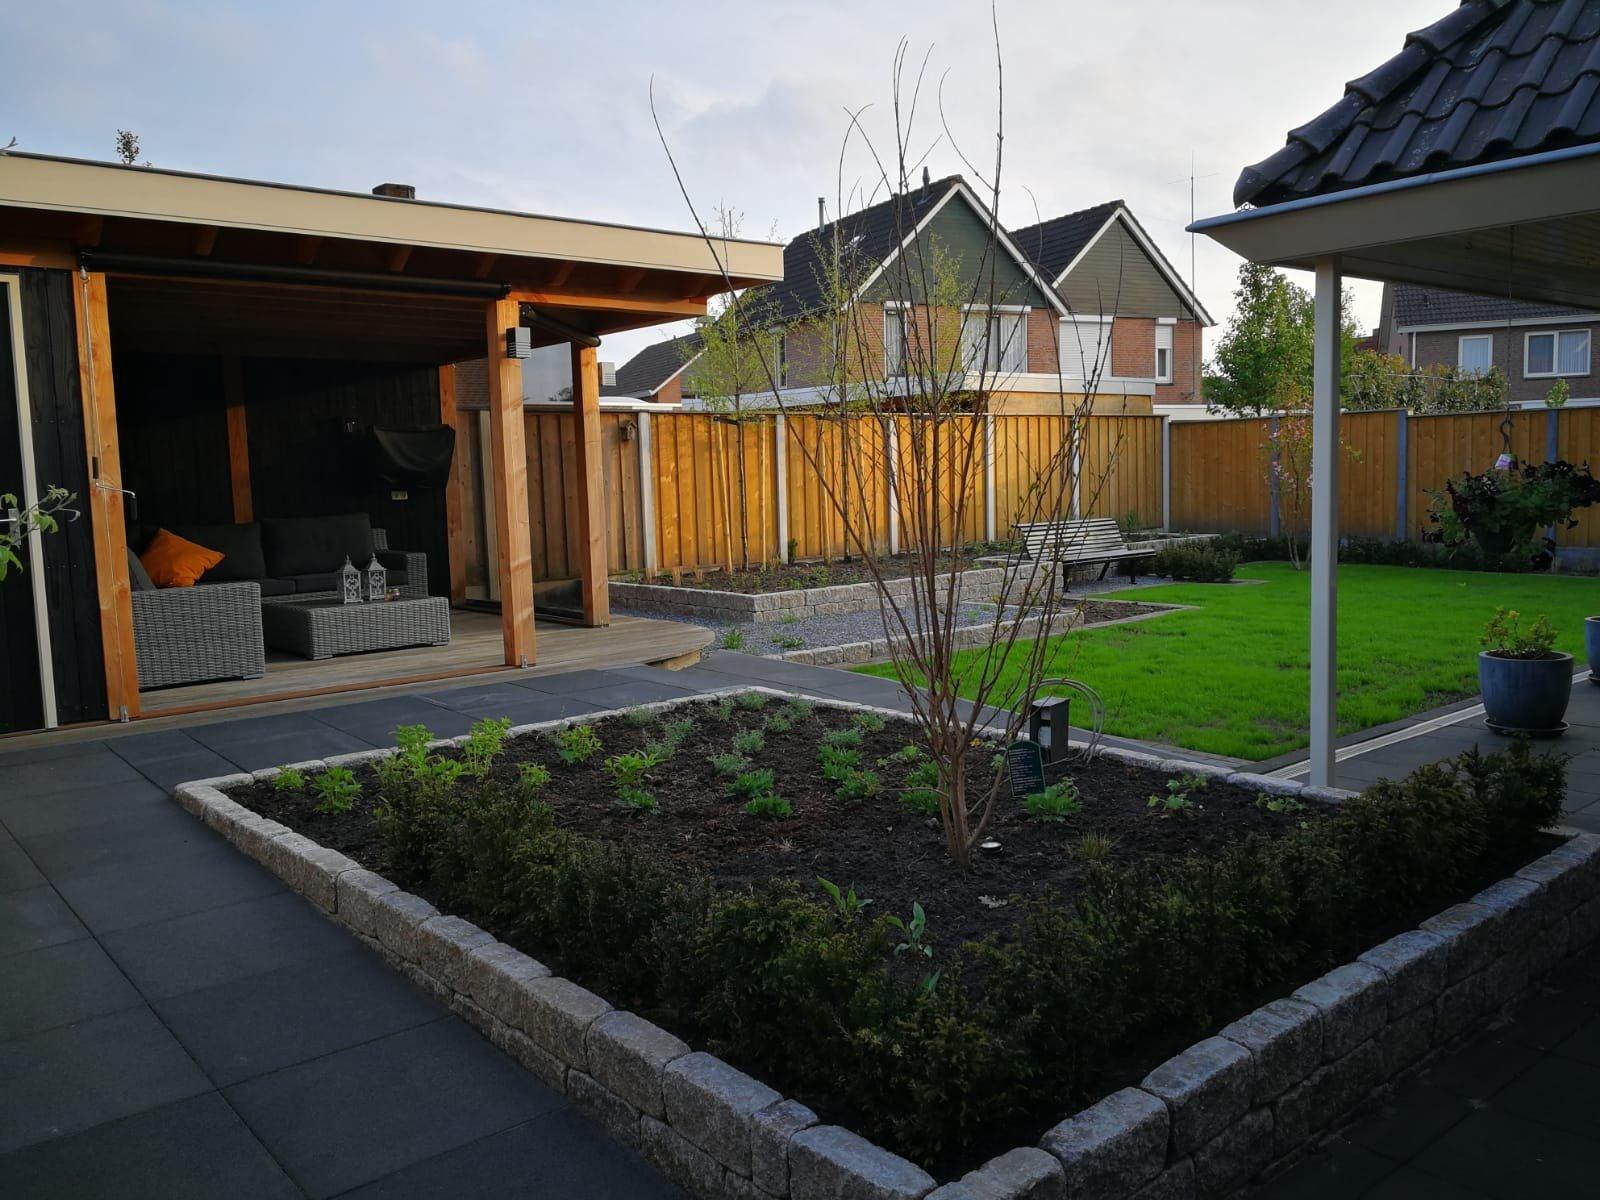 Tuinhuis Op Vlonder06